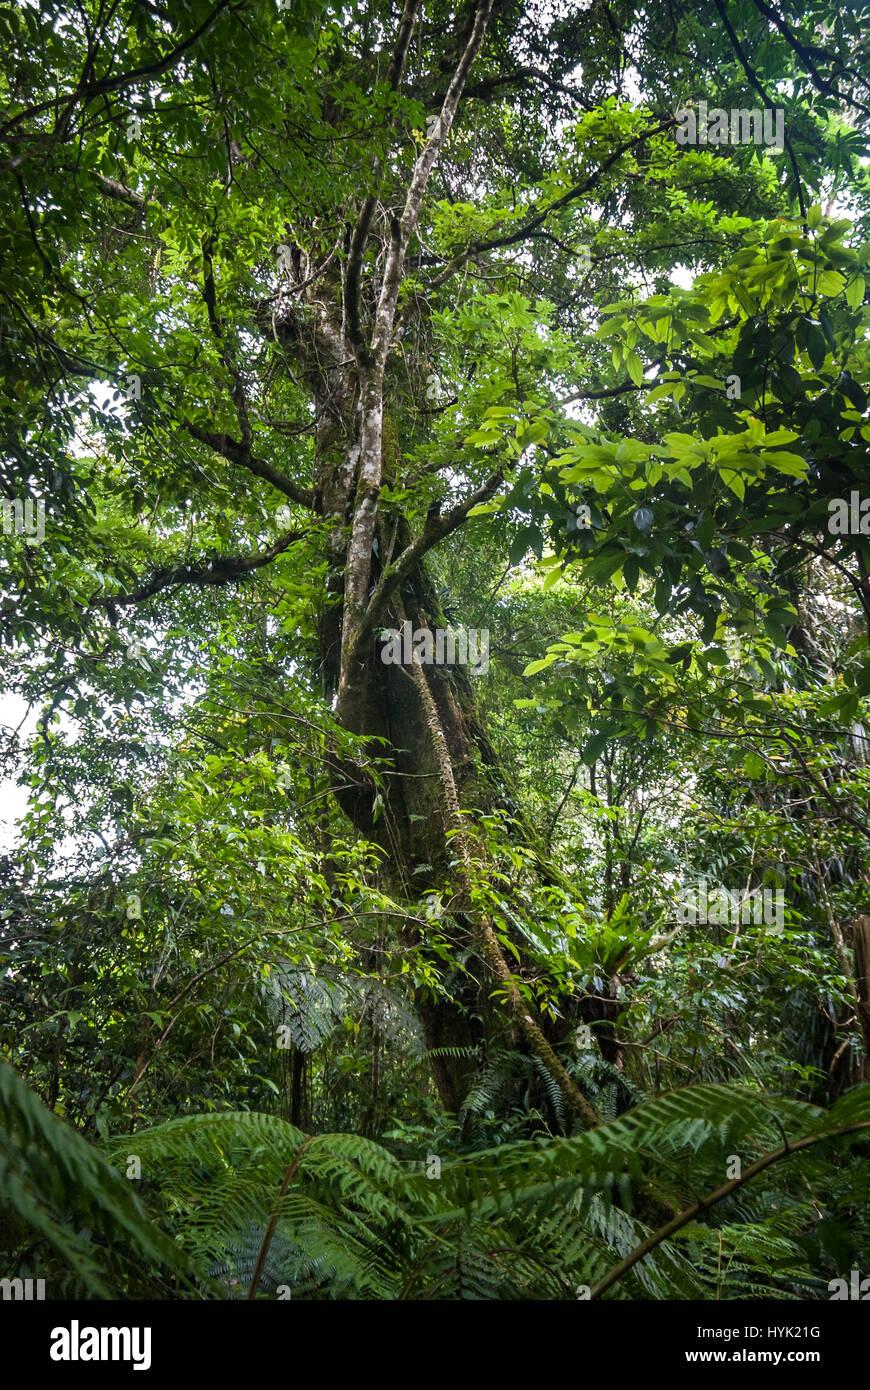 Un grand arbre dans les régions tropicales, sub-montagnarde forêt tropicale. Photo Stock